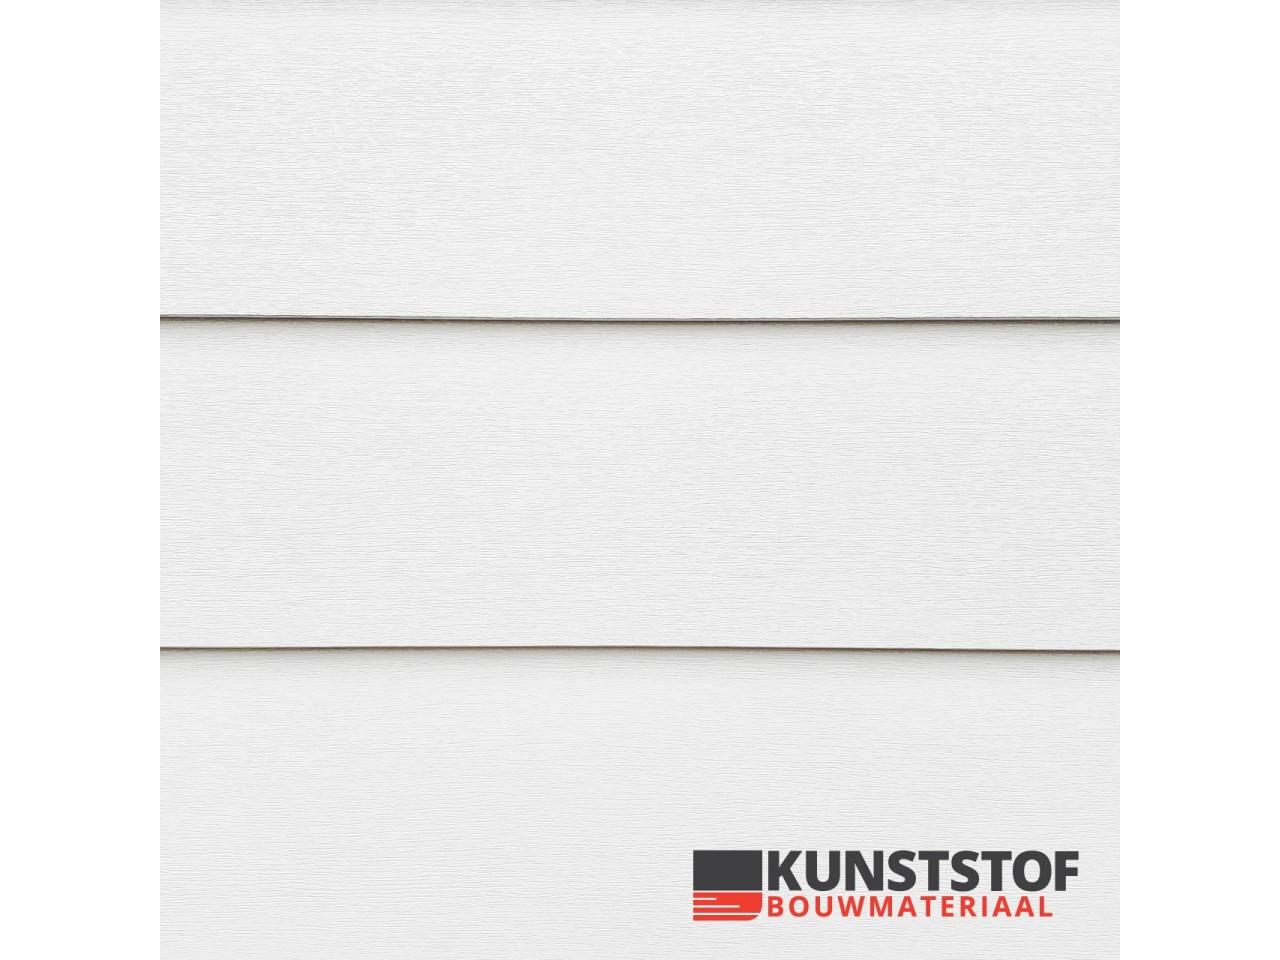 Profex potdeksel kunststof gevelbekleding in de kleur wit met RAL 9010 heeft een prachtige Zweeds rabat uitstraling. Dit is uiterst geschikt voor chalets, stacaravans, woonwagens of woningen.